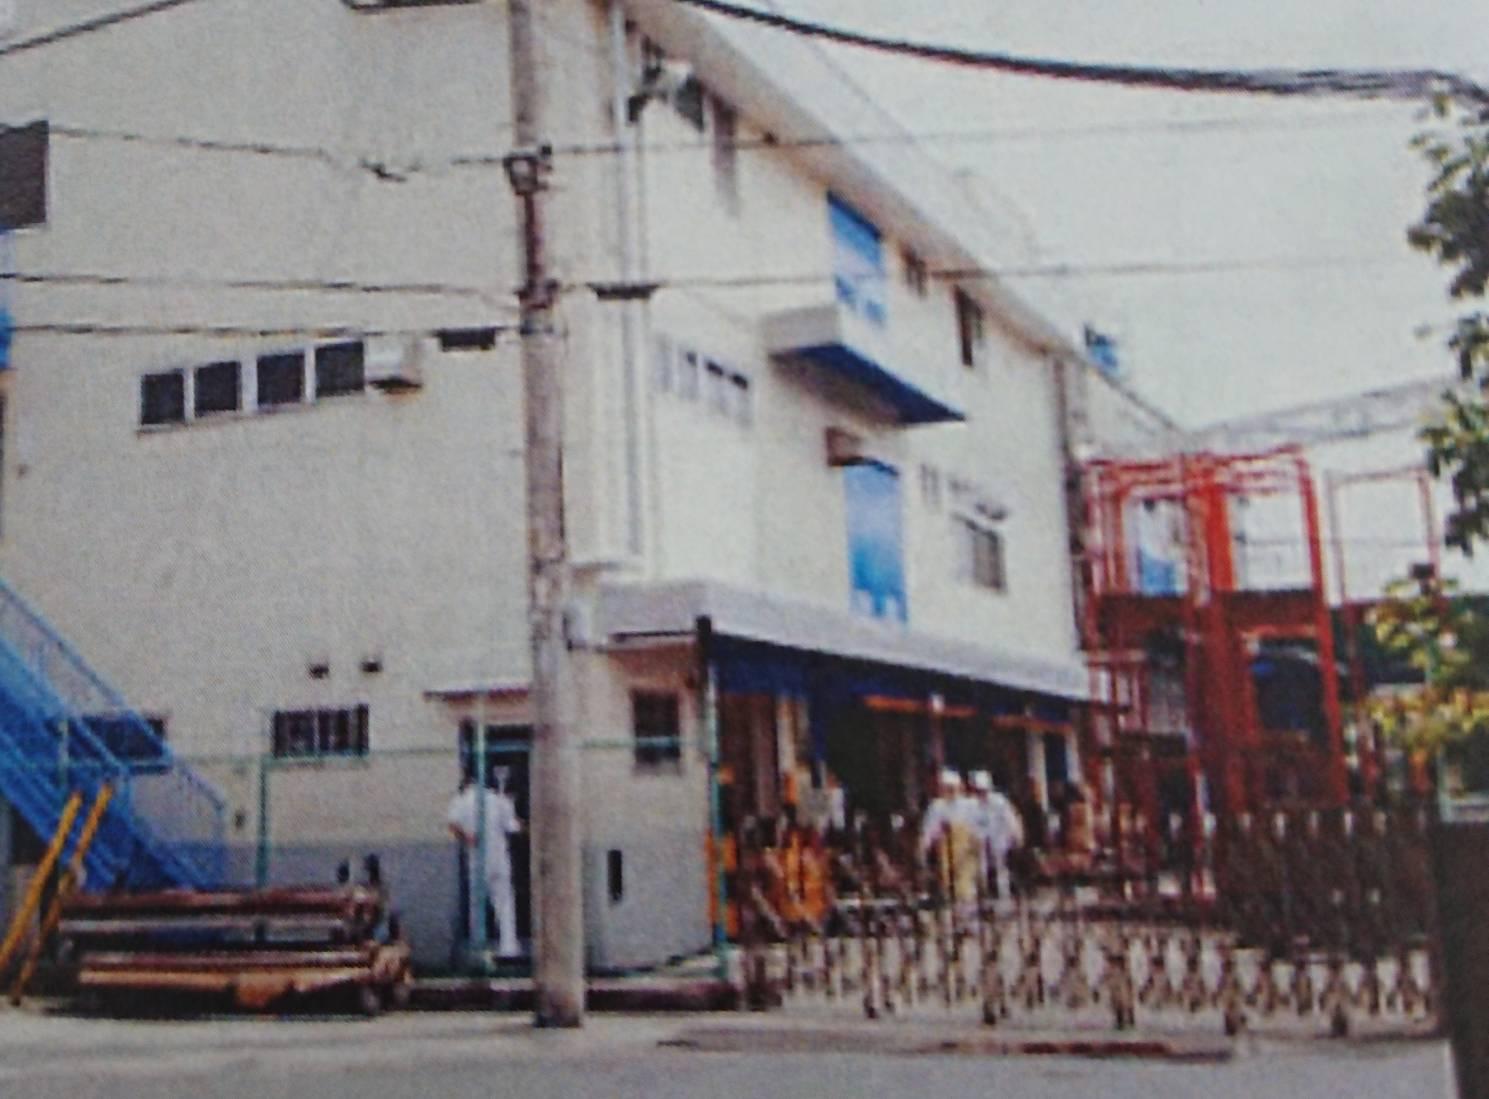 【産業廃棄物の運搬】粗大ごみの回収を埼玉県草加市の食品加工工場にて行った事例を紹介します。